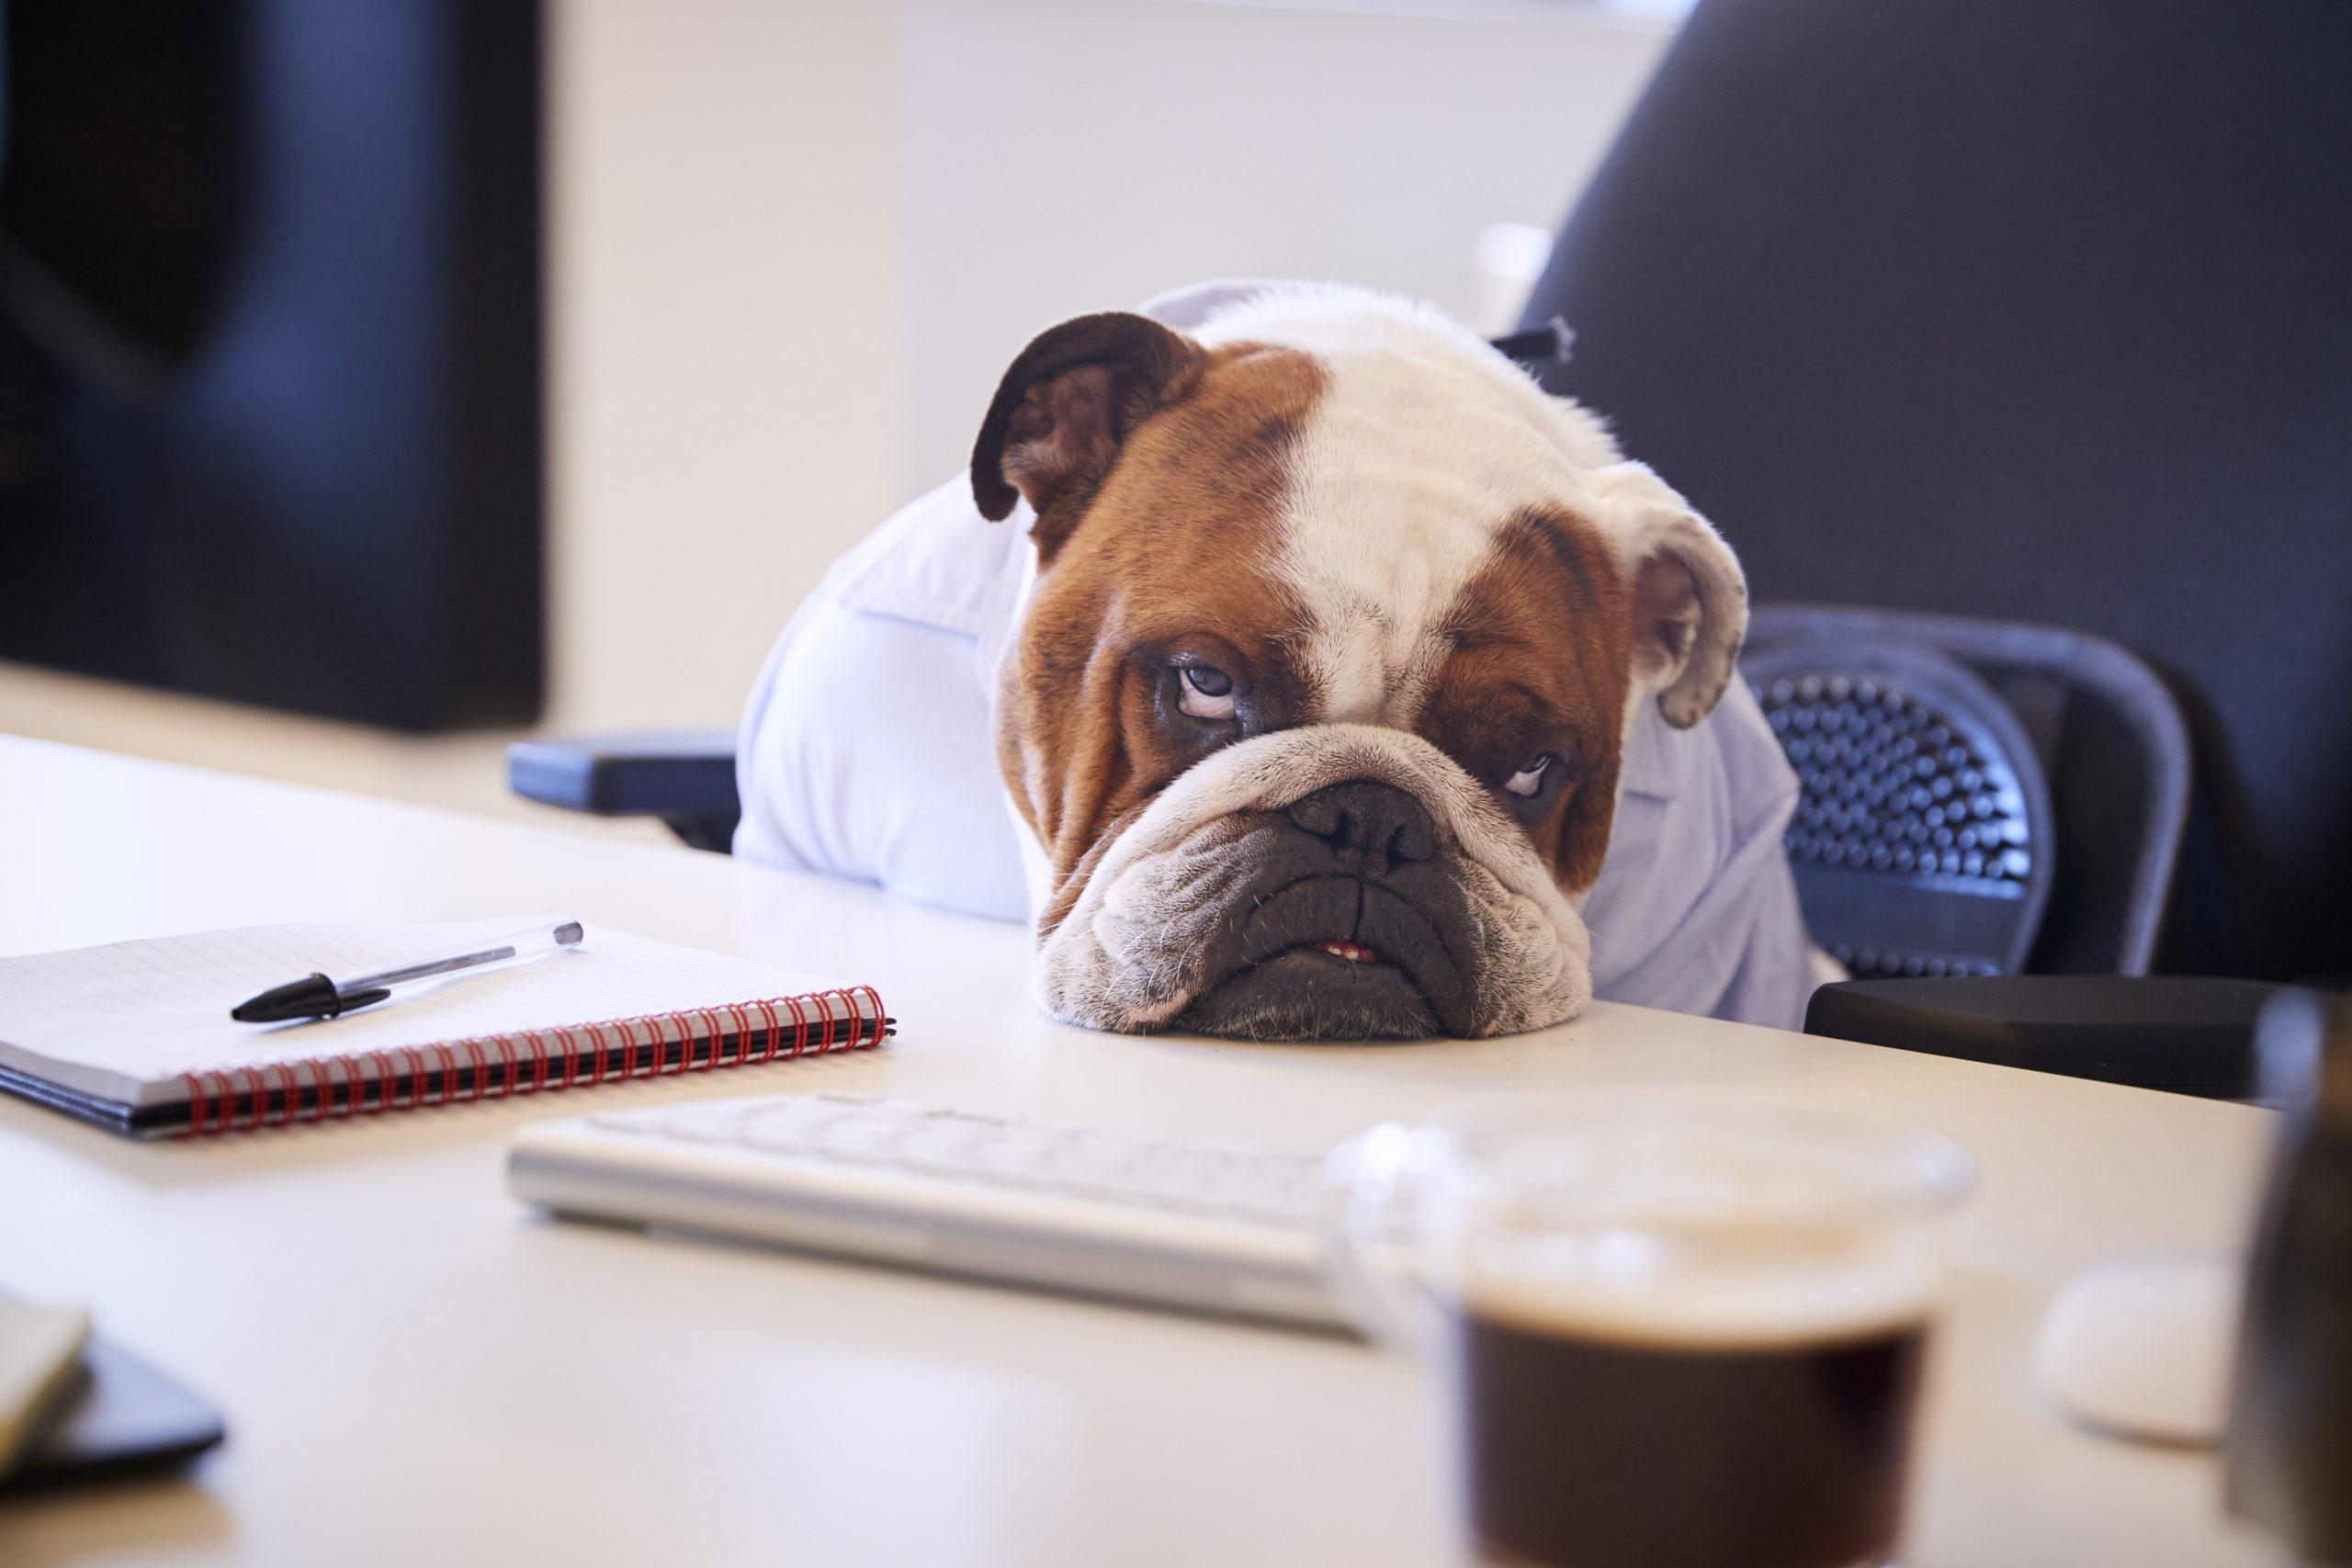 Le museau d'un chien bulldog british affalé tristement sur un bureau